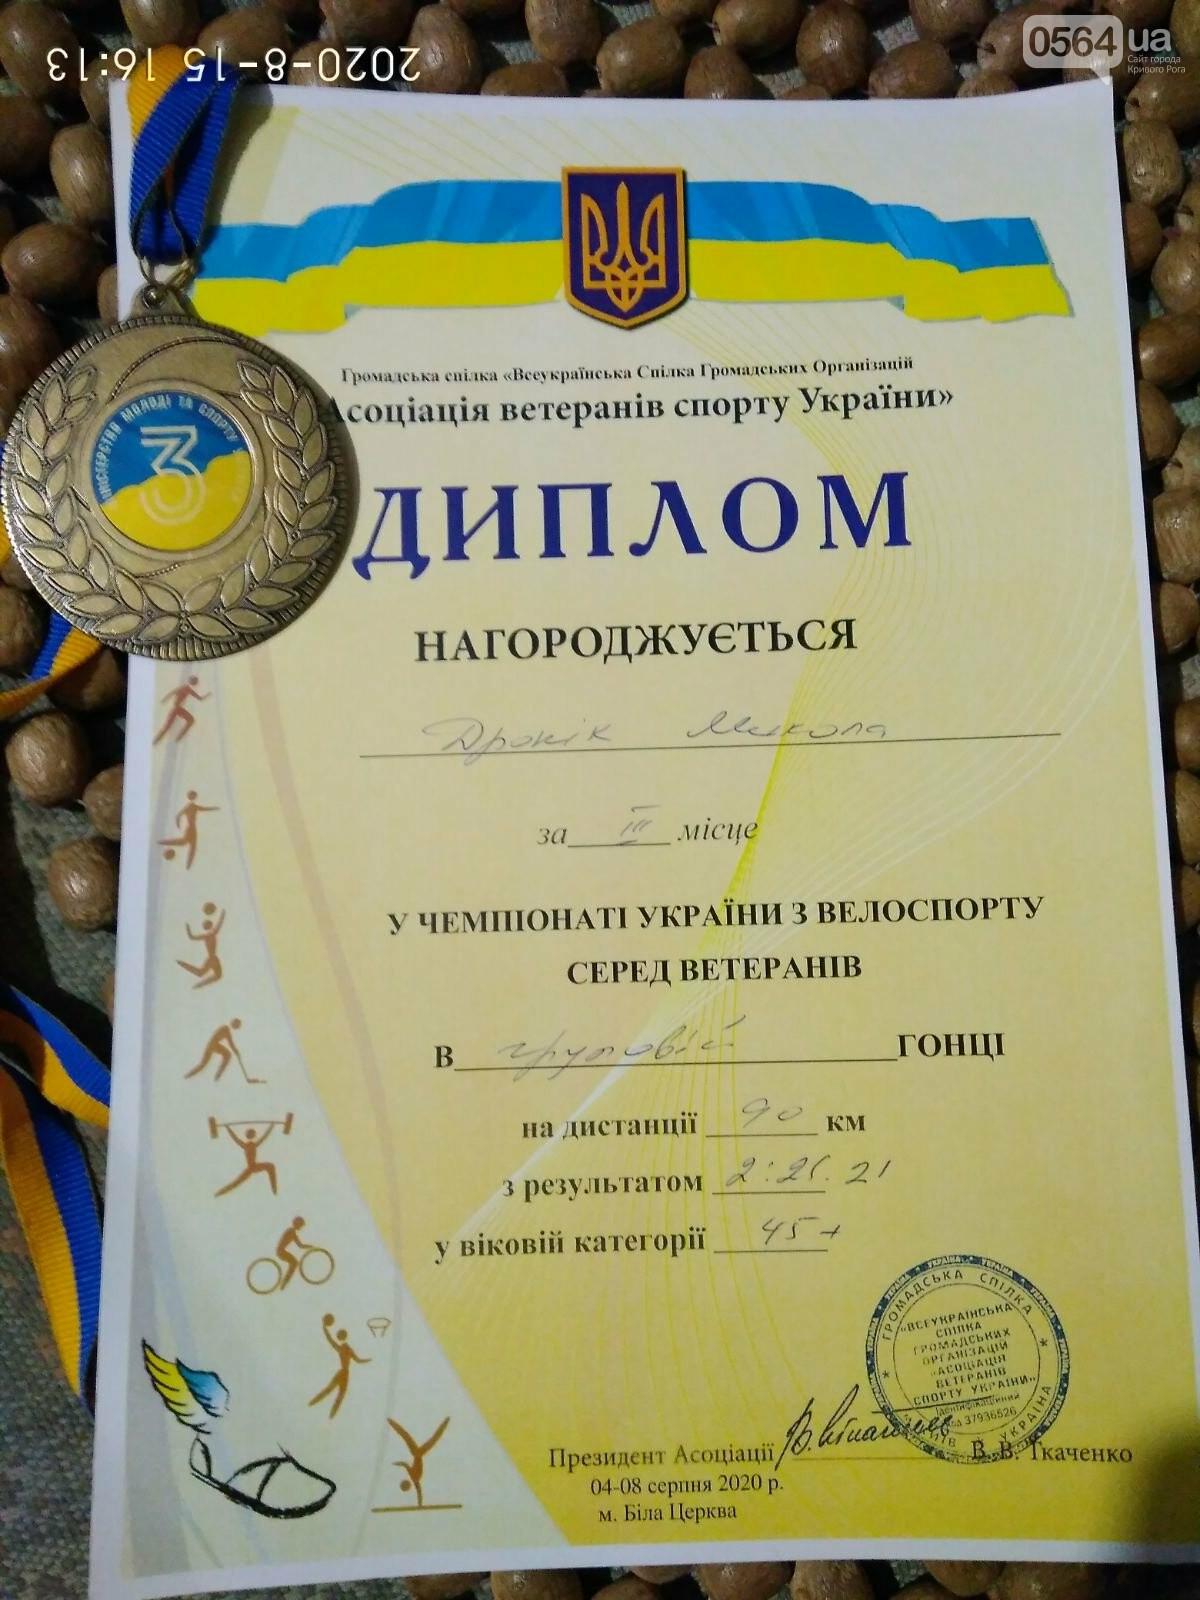 Велогонщики из Кривого Рога стали лучшими на чемпионате Украины среди ветеранов, - ФОТО, фото-5